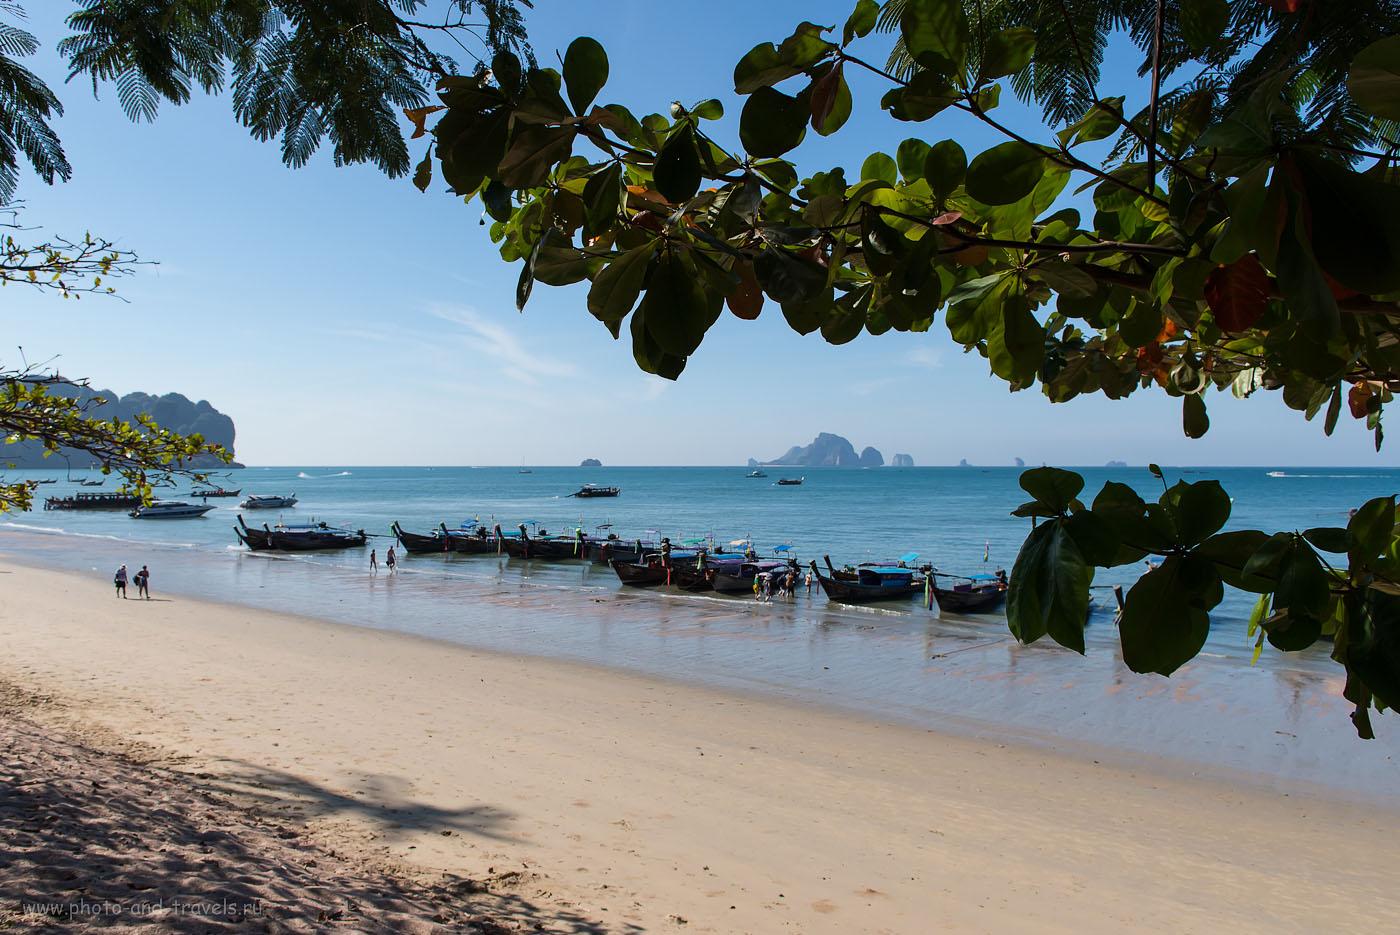 Фото 2. Лодки ждут своих пассажиров. Остров Koh Poda виднеется на заднем плане. Что делать на пляже Ао Нанг в провинции Краби. Отчеты о самостоятельных экскурсиях в Таиланде (320, 24, 9.0, 1/500)